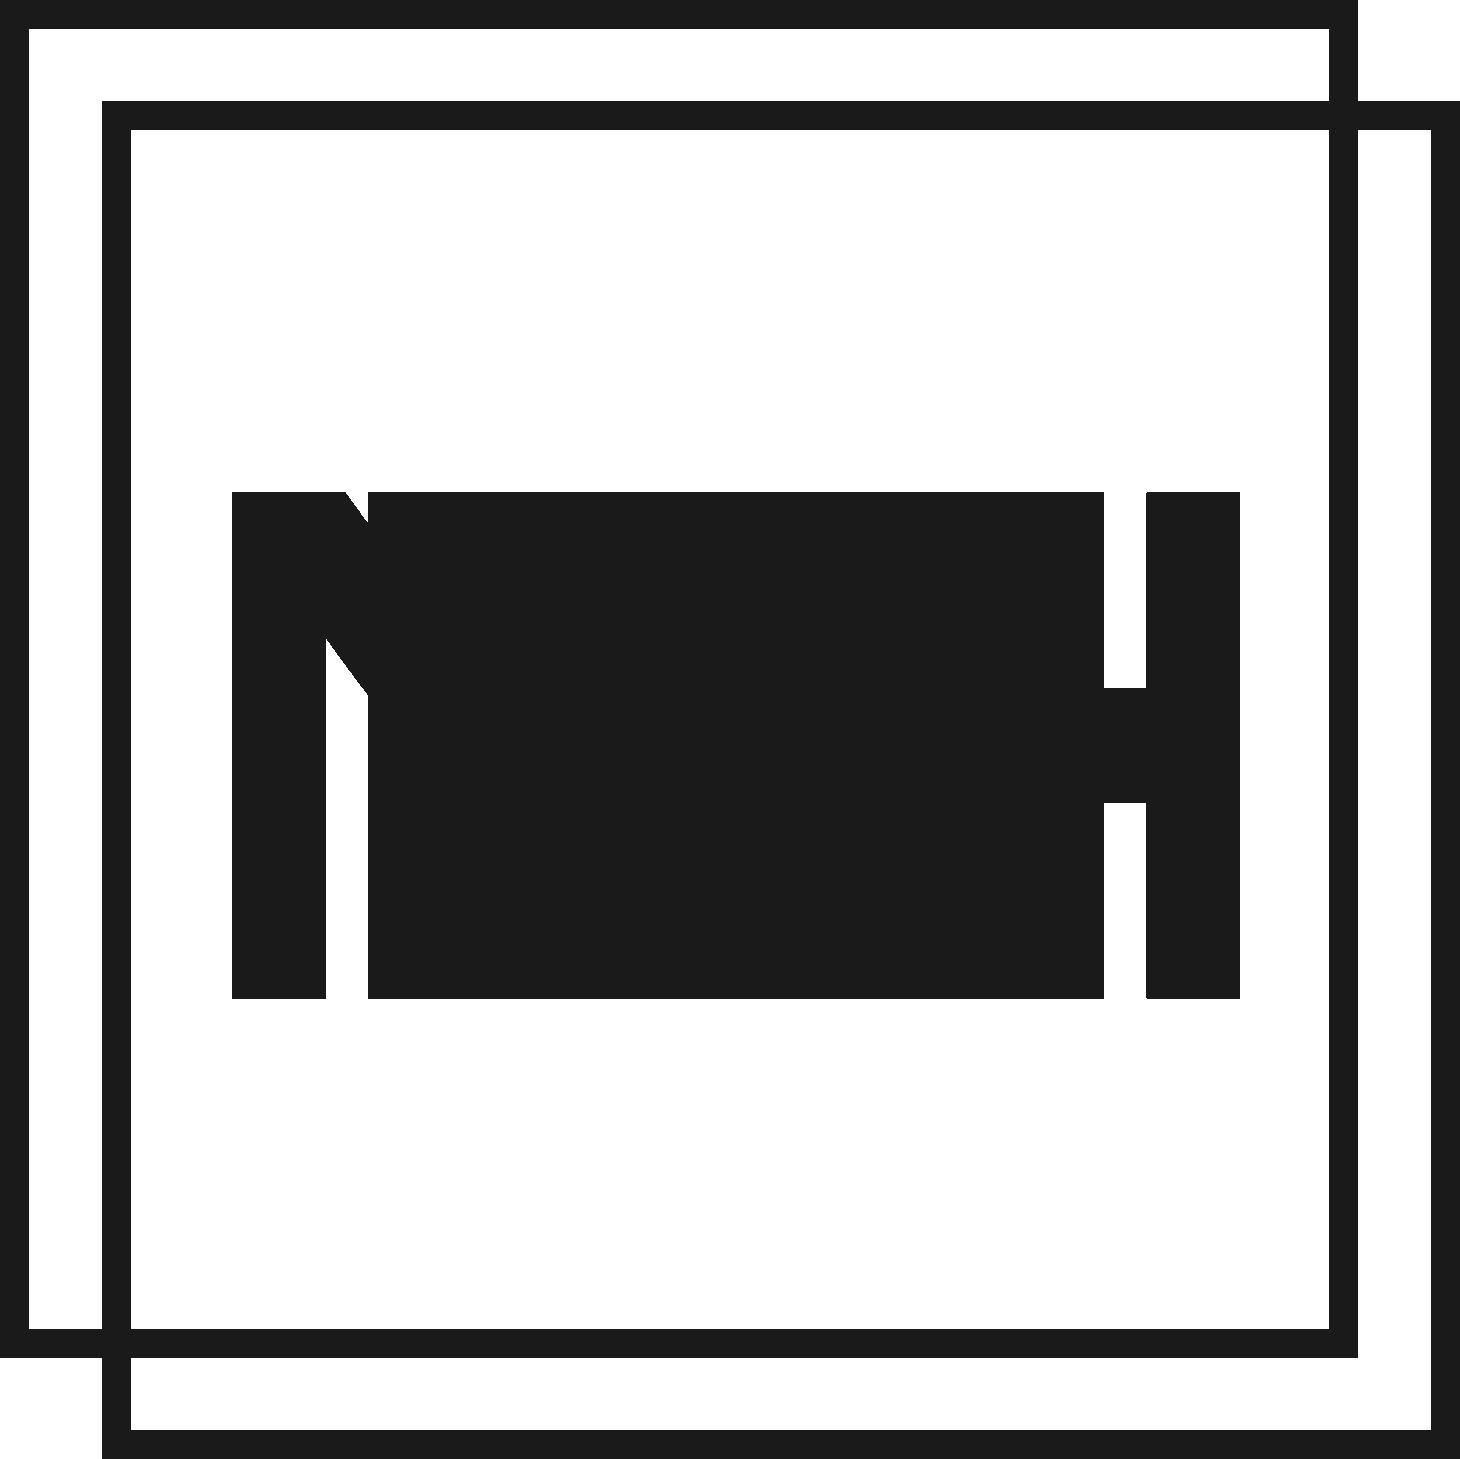 NhKutaisi logo